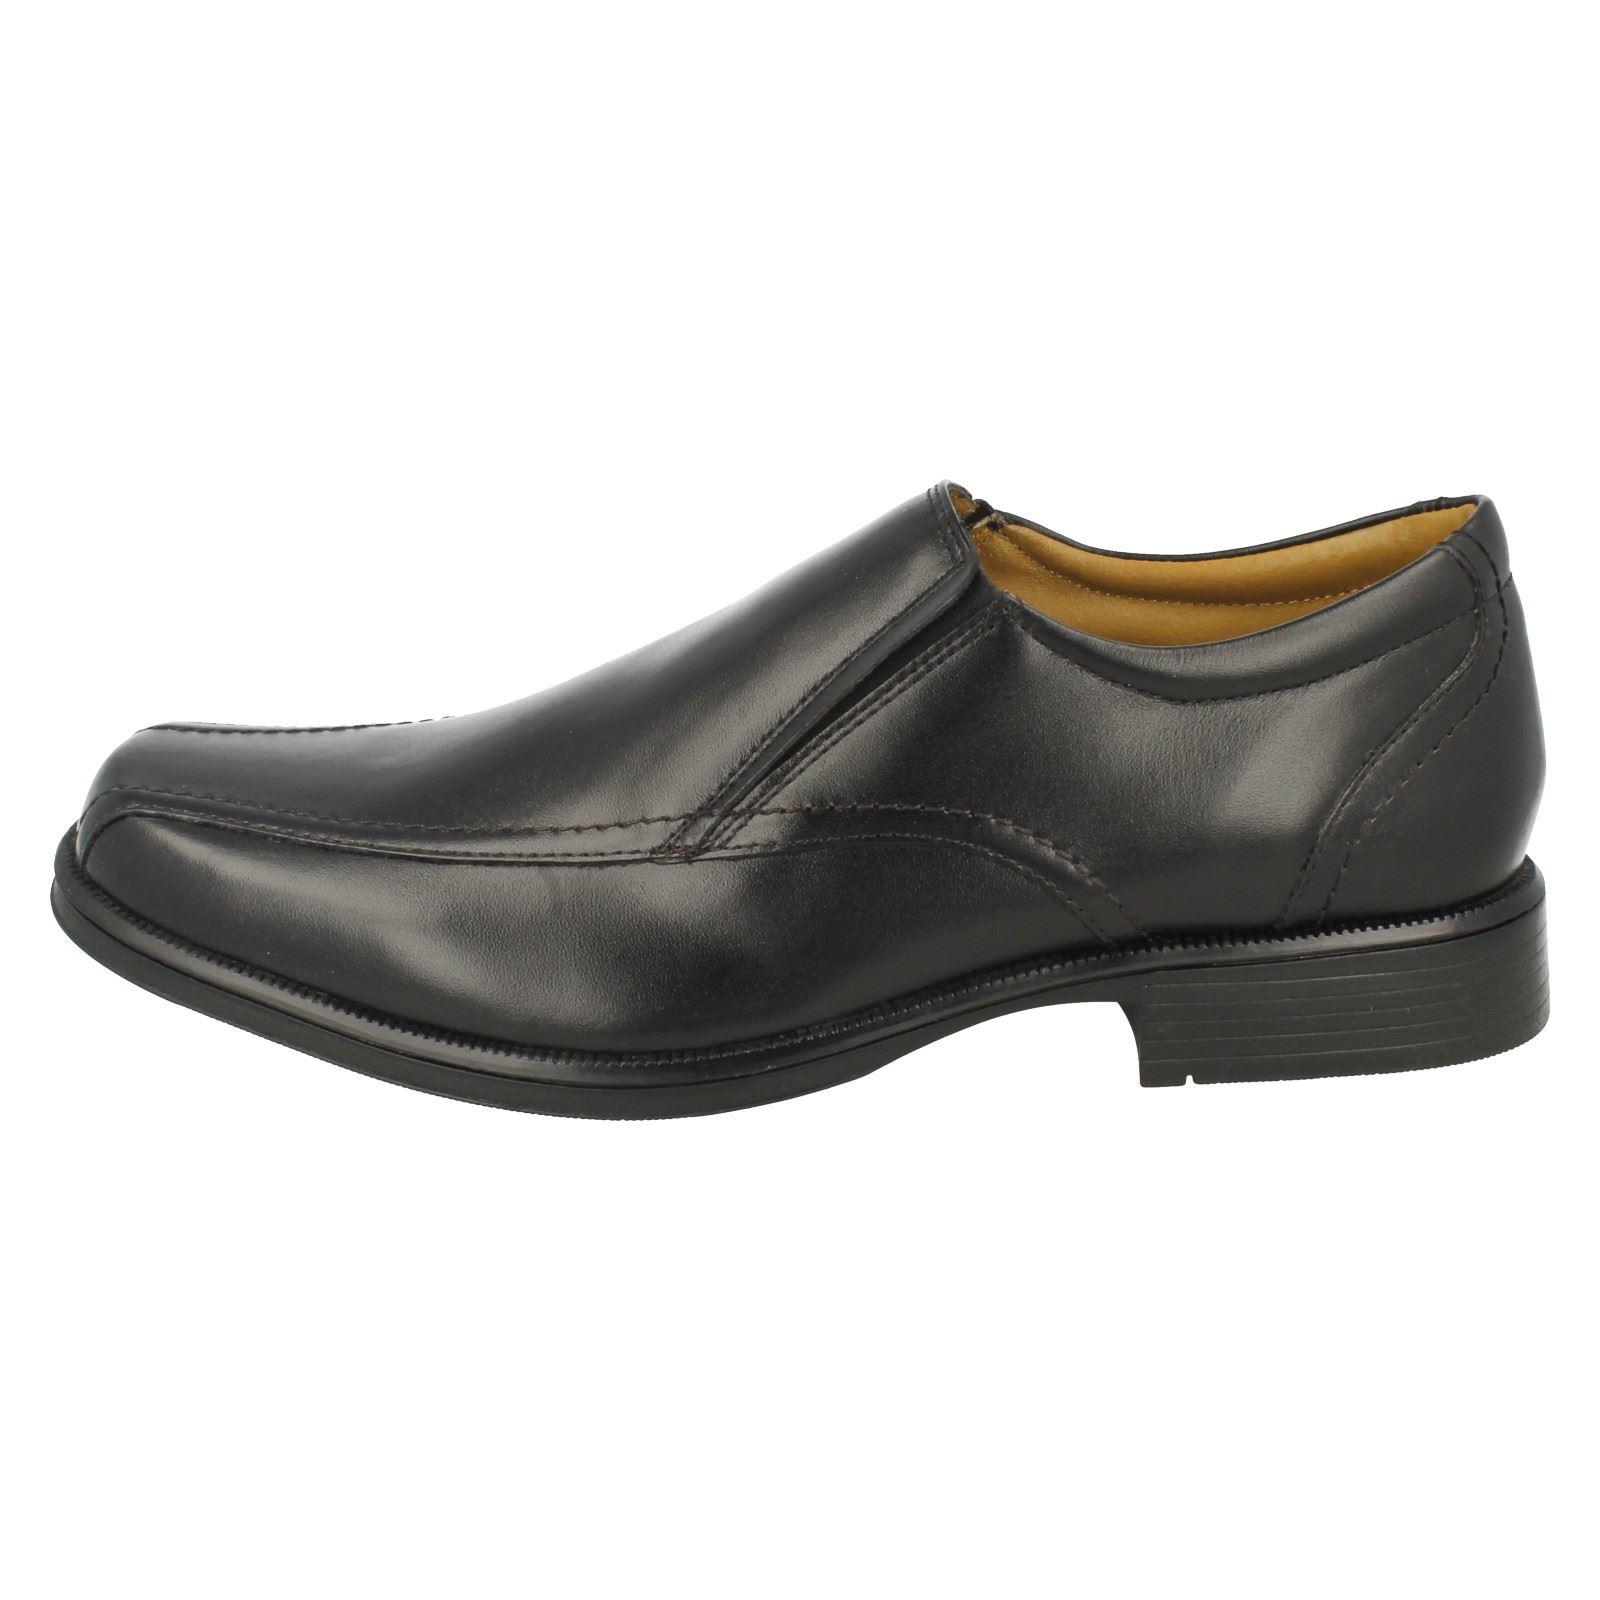 Mens Clarks Slip On Shoes Hatche Tough